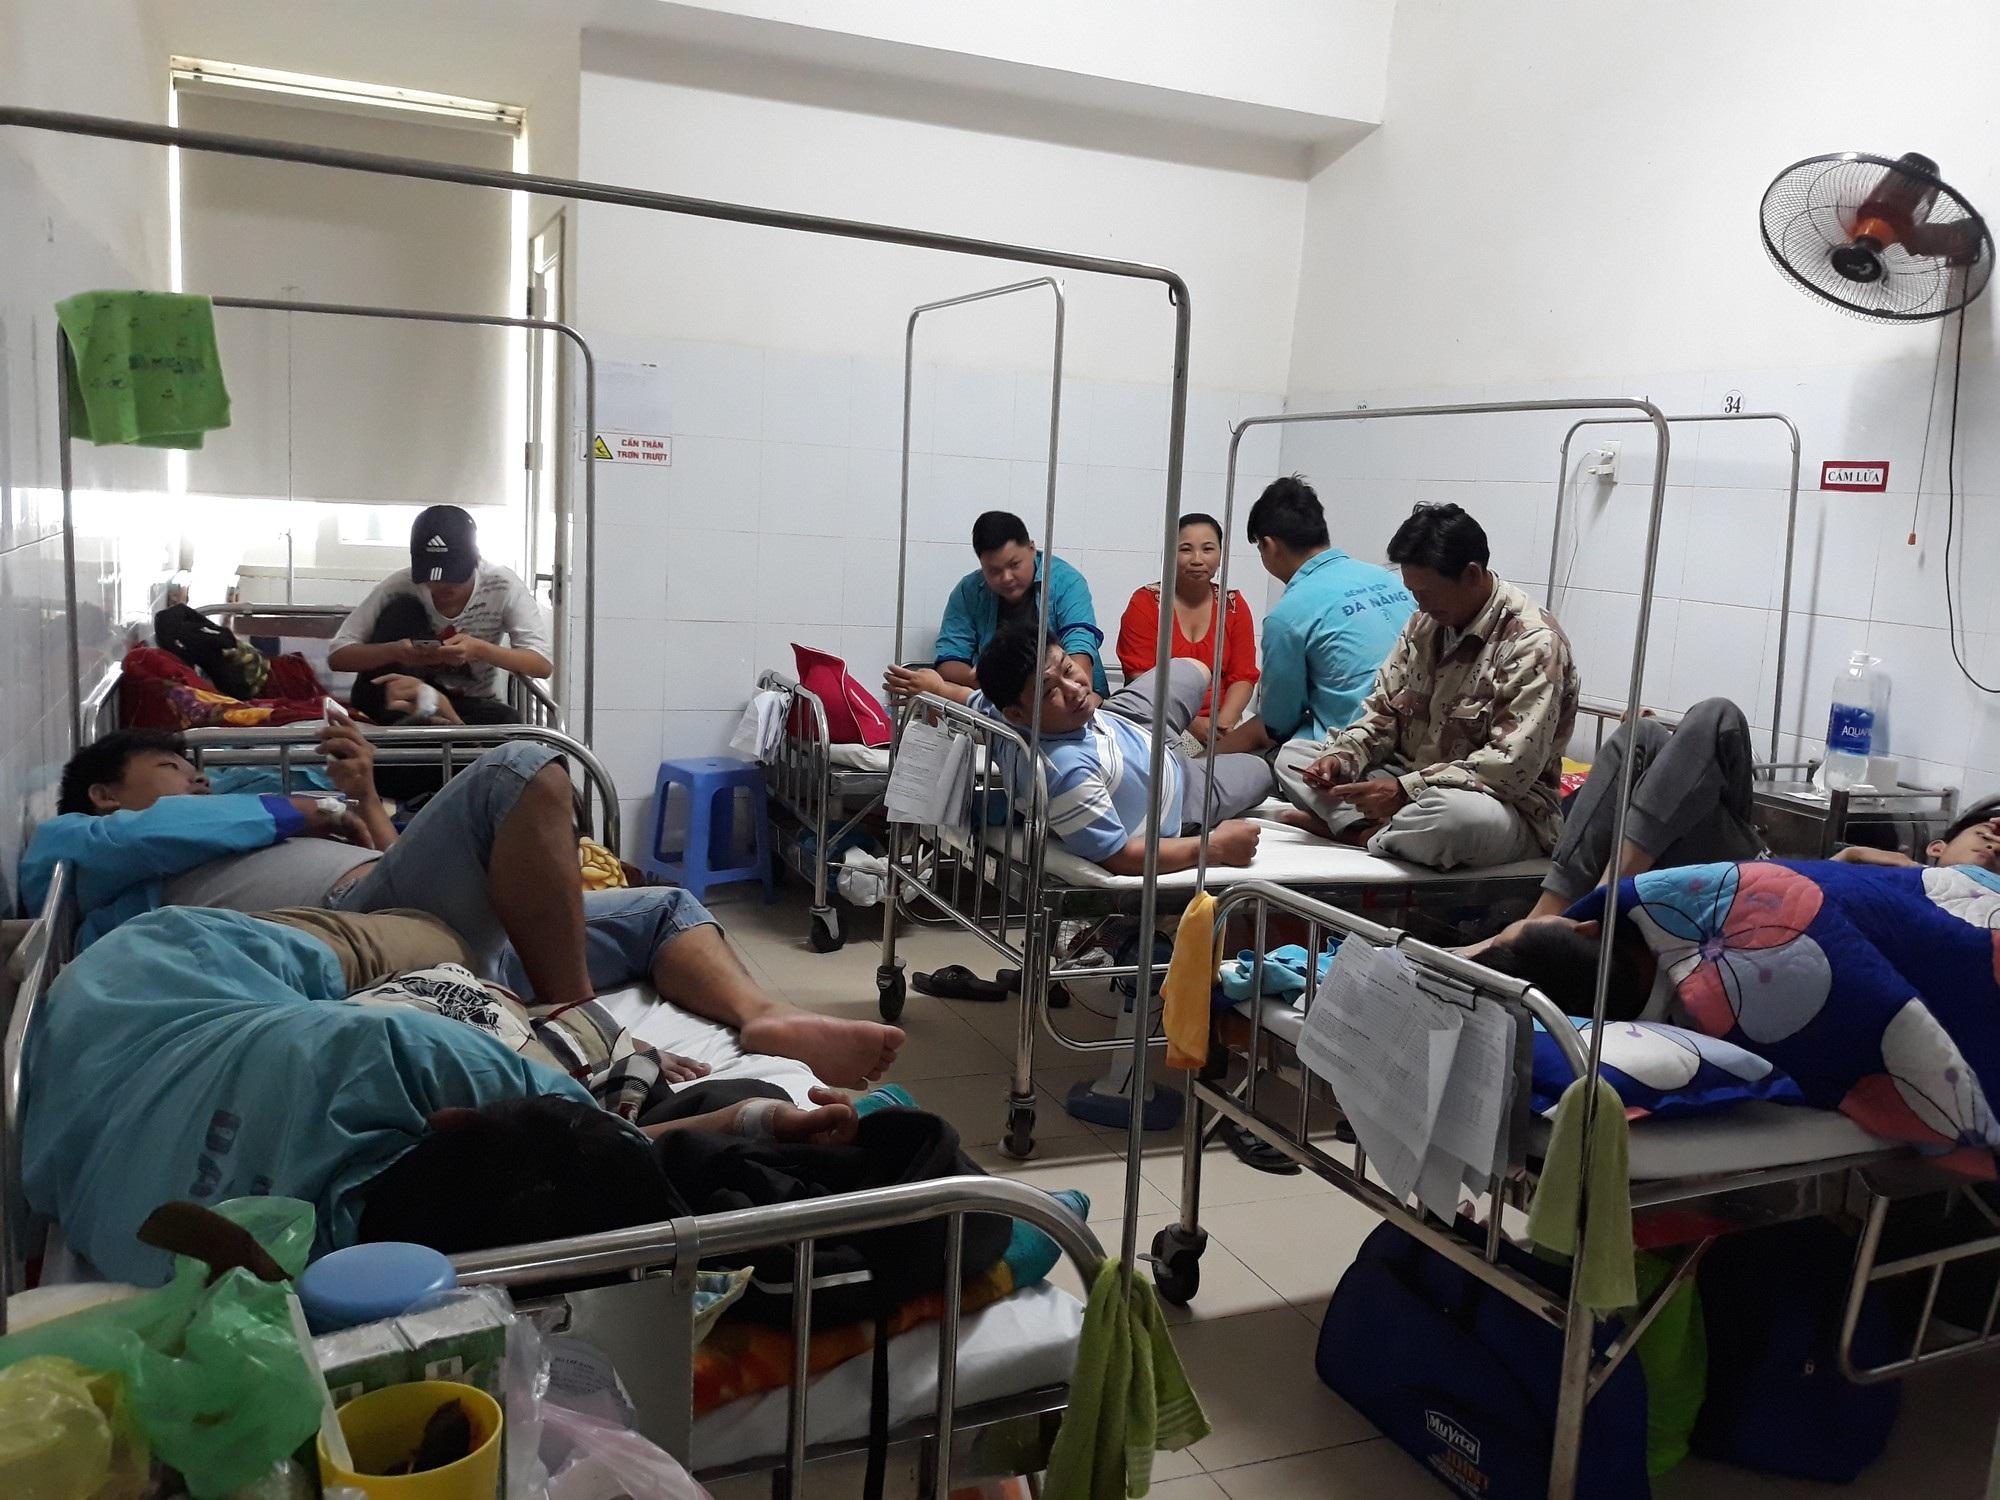 Đà Nẵng hỗ trợ tiền ăn cho bệnh nhân trong dịp Tết Nguyên đán - Ảnh 1.